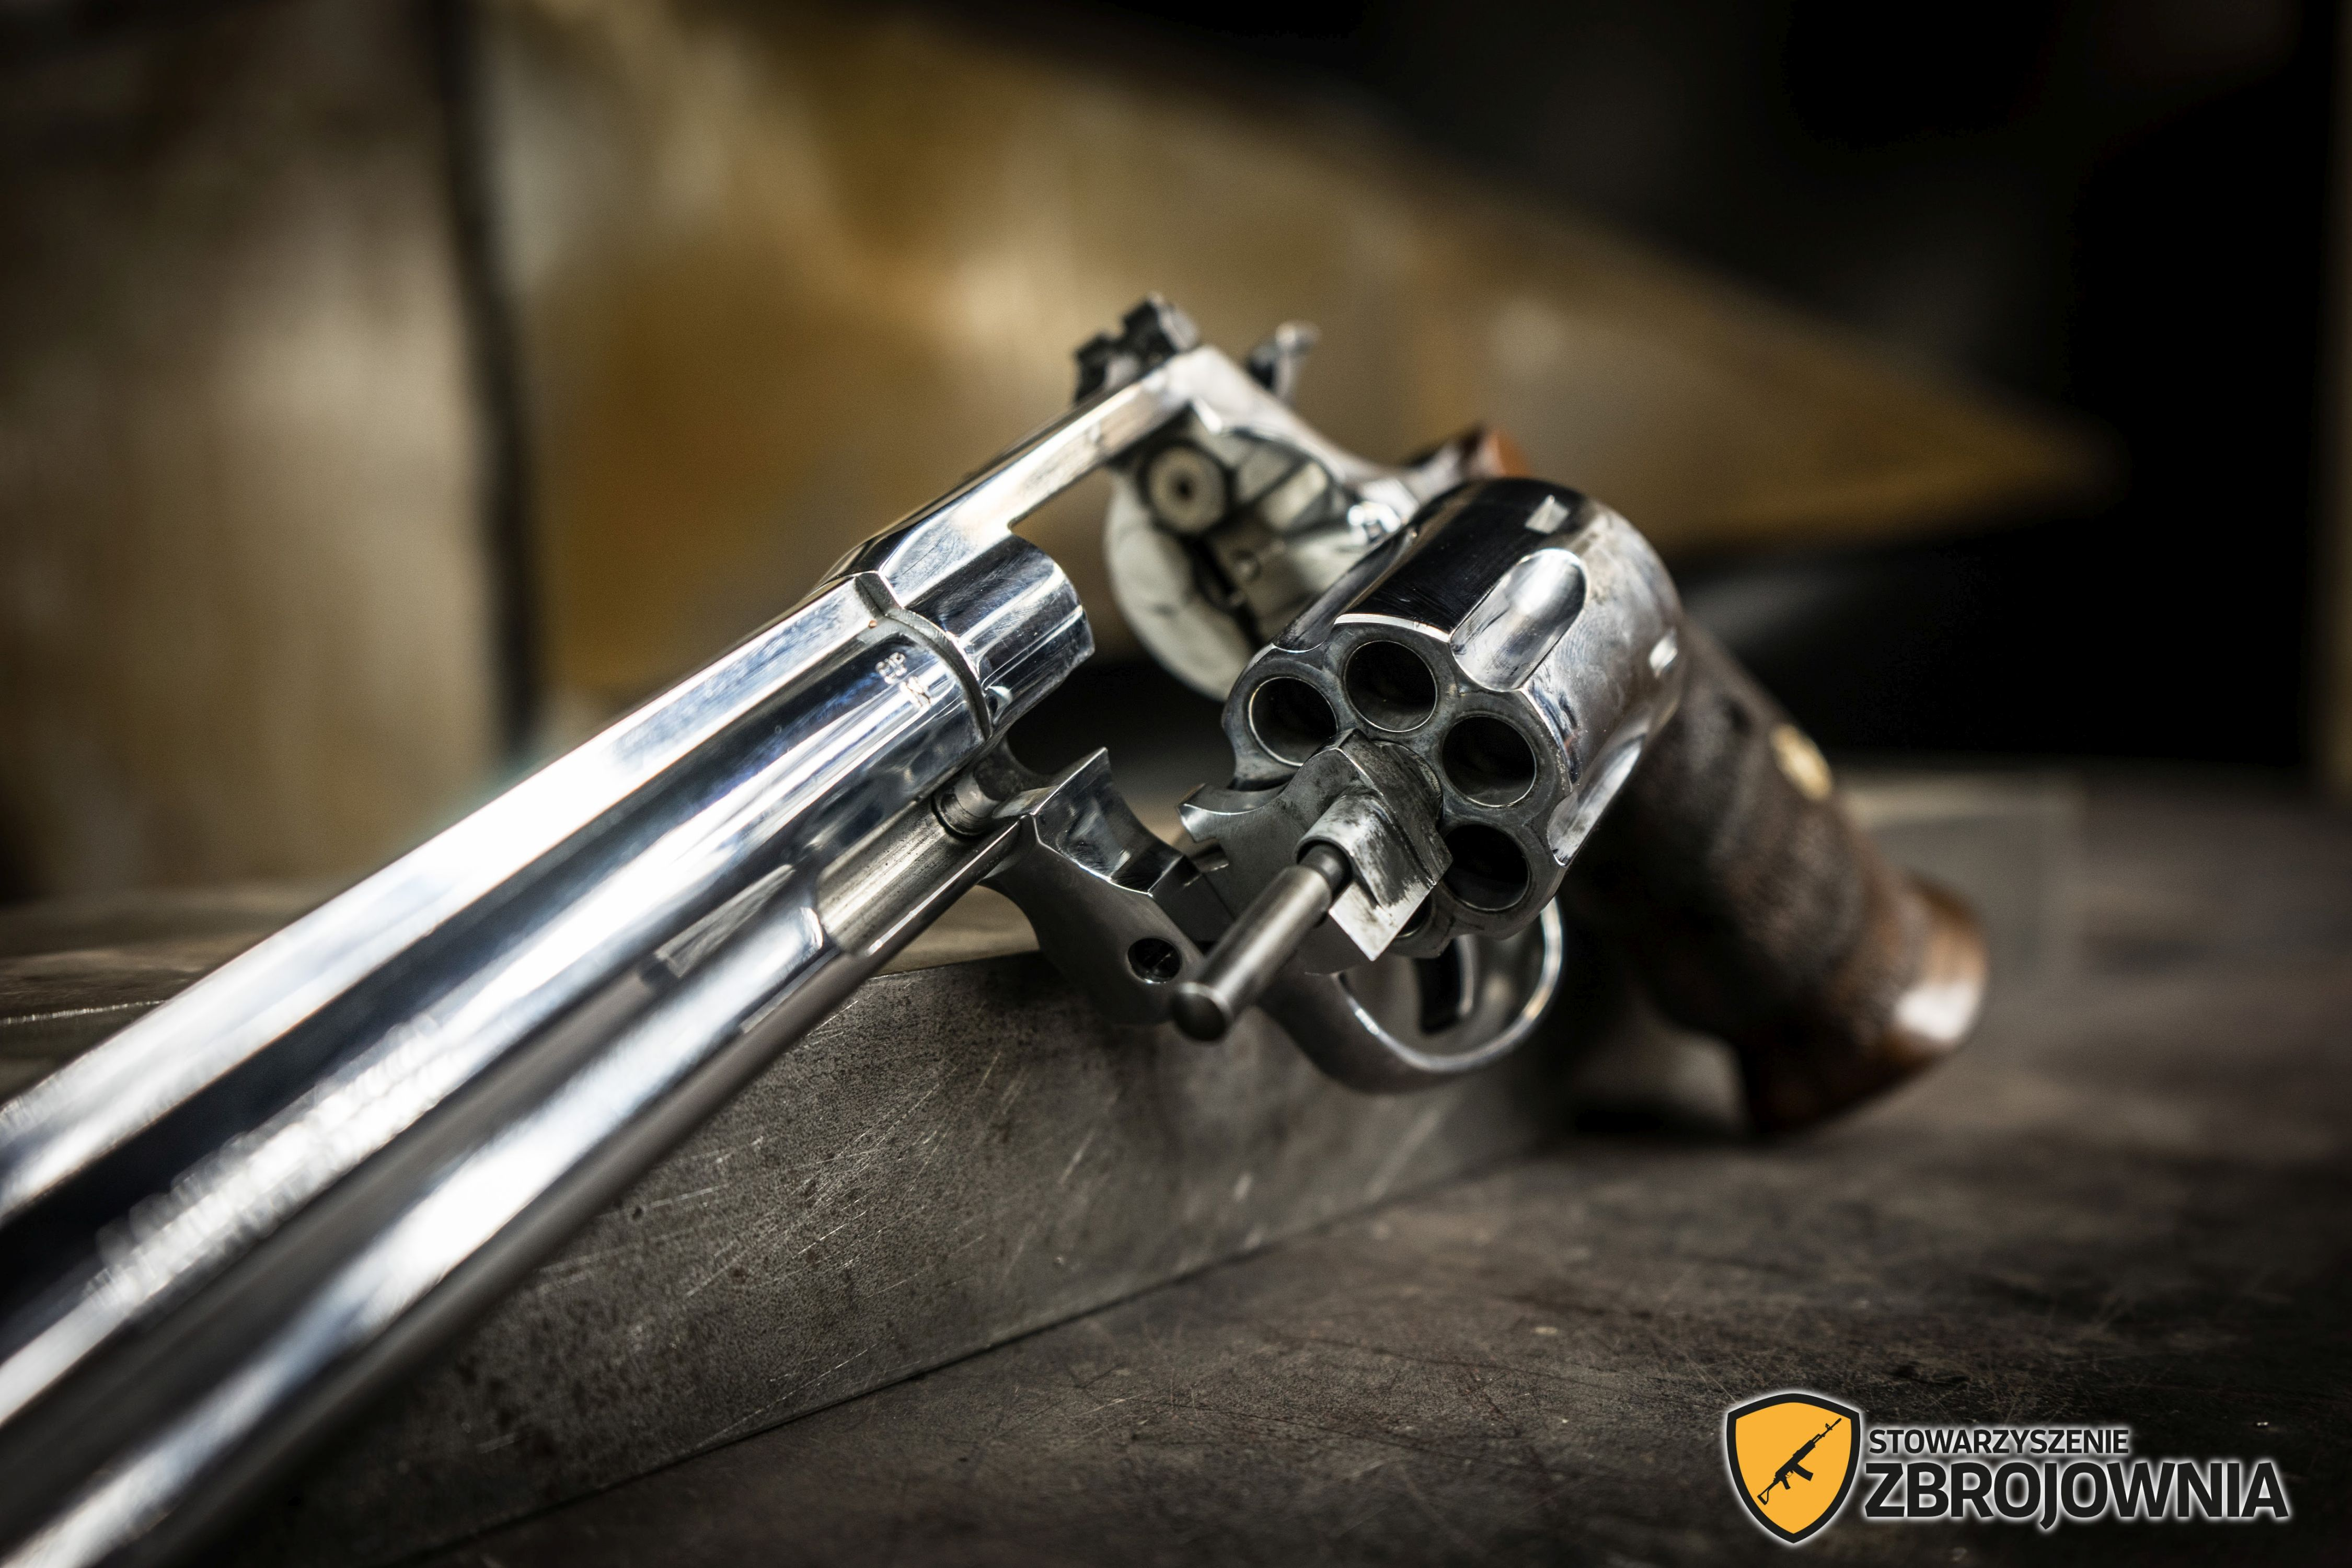 Strzelanie Otwarte w Nieczajnej 23 wrzesień